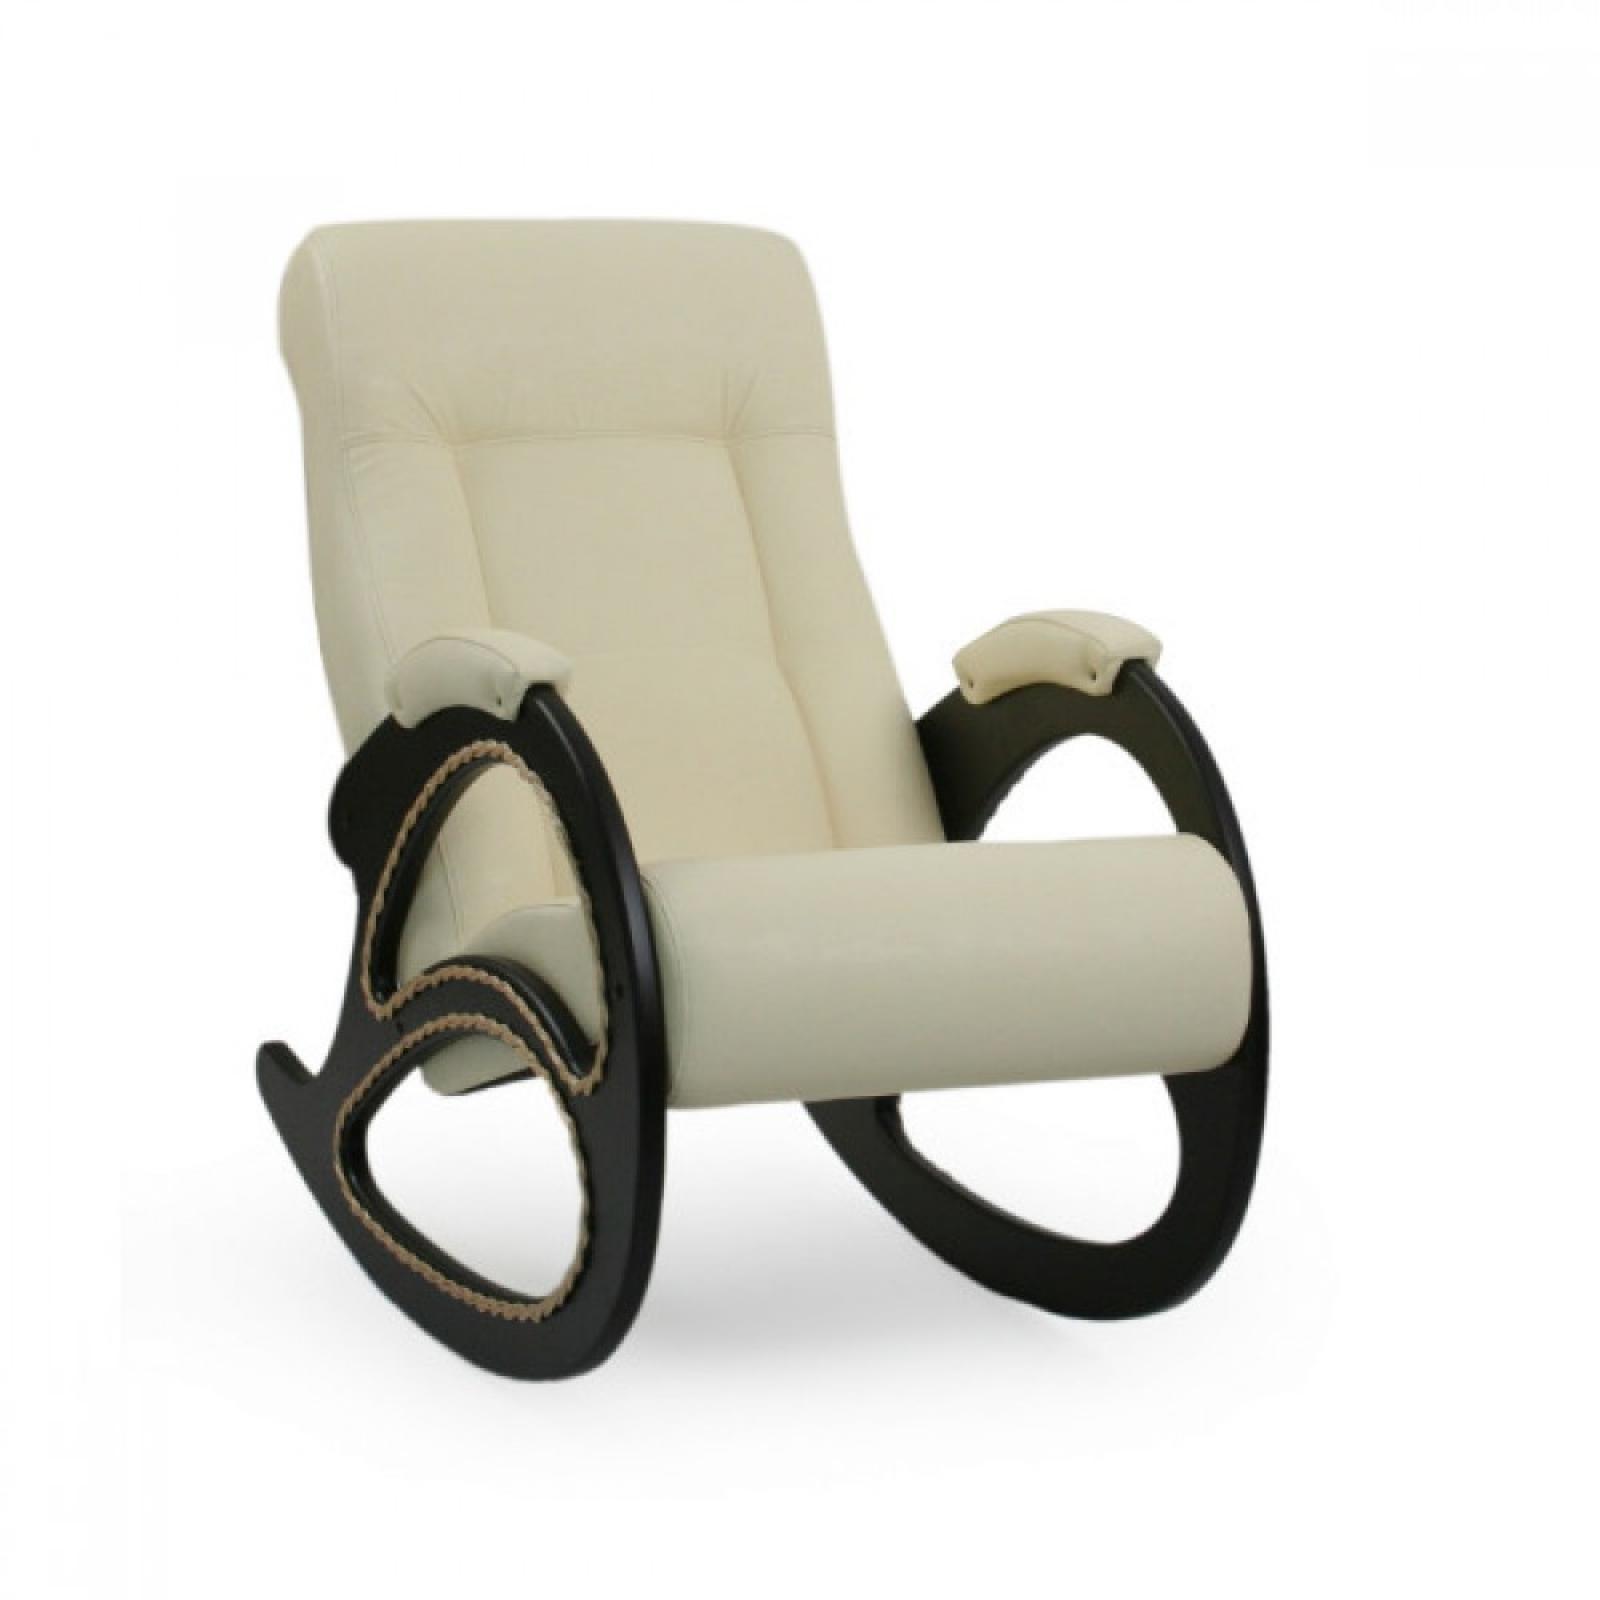 Кресло-качалка, Модель 4 (с декоративной косичкой) Венге/Манго 002 - 1